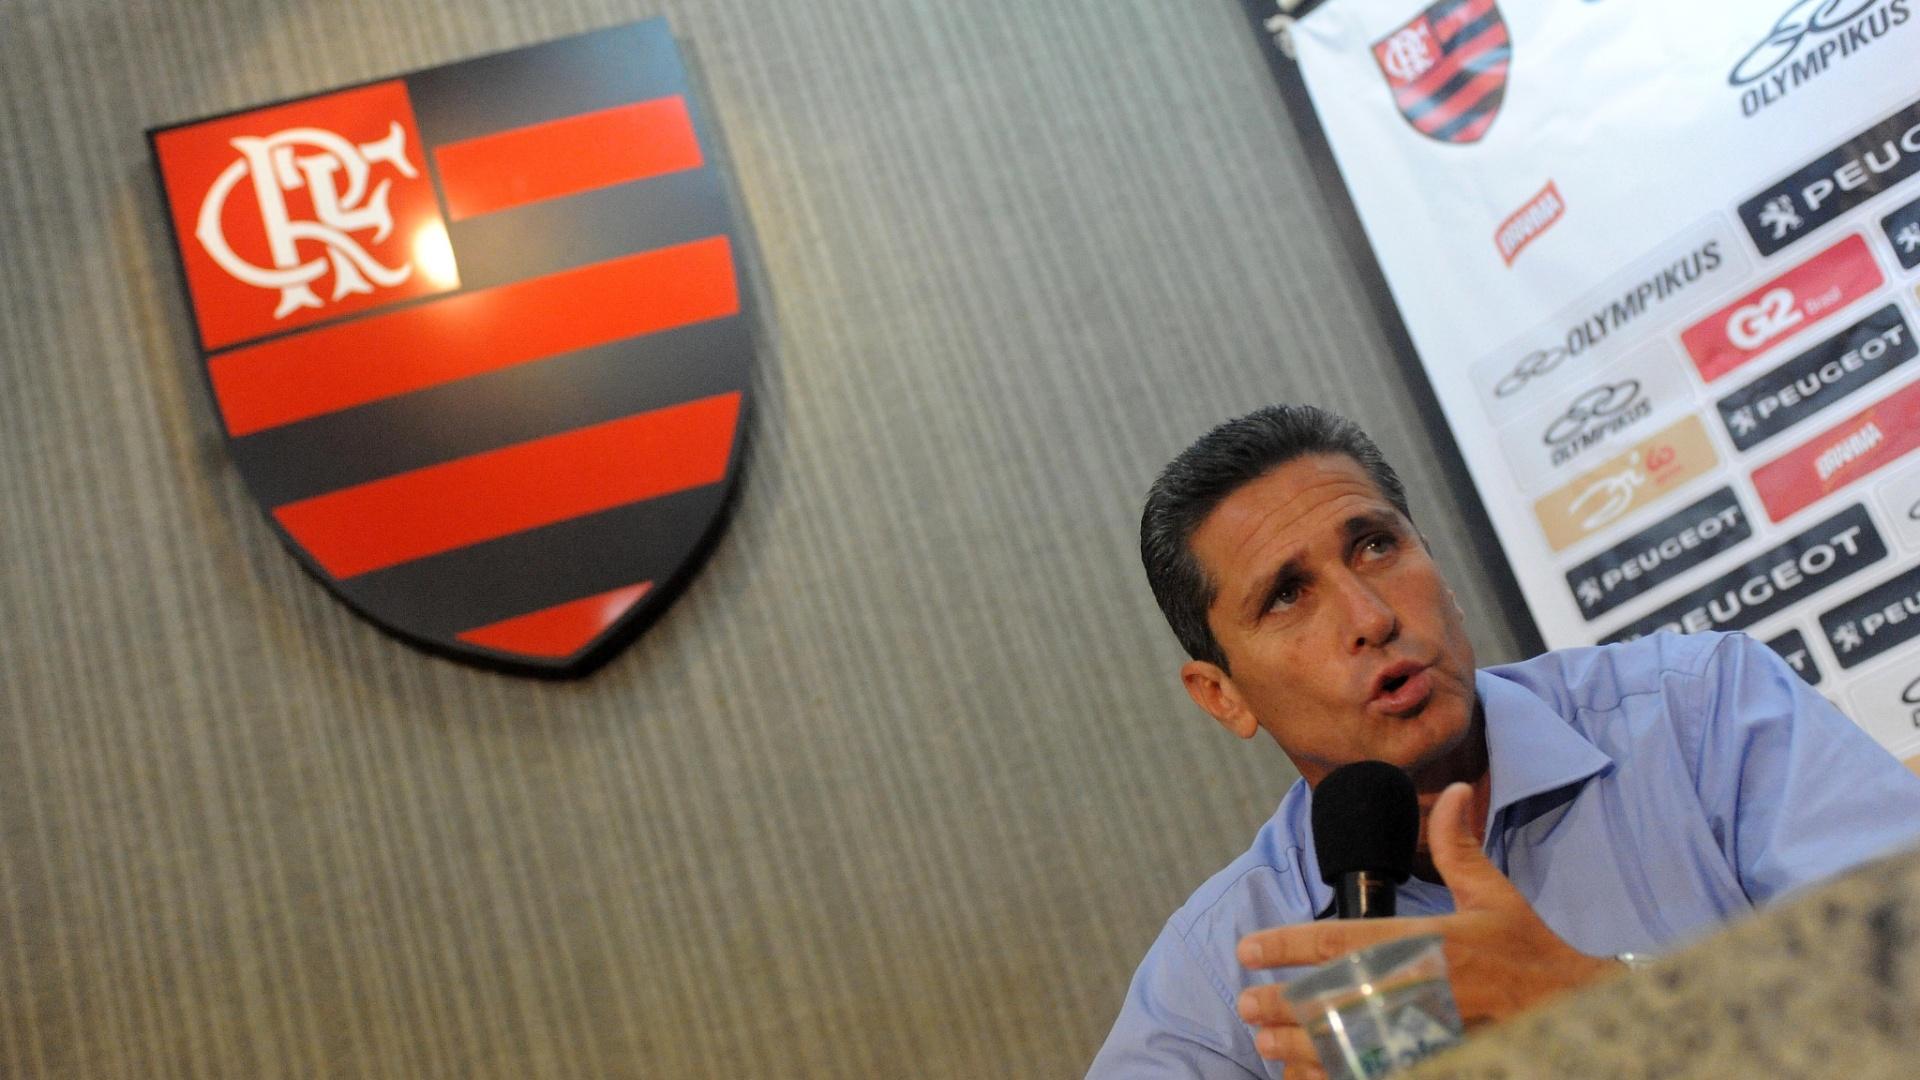 18.mar.2013 - Jorginho é apresentado como novo treinador do Flamengo; ele assinou até 2014 com o time carioca